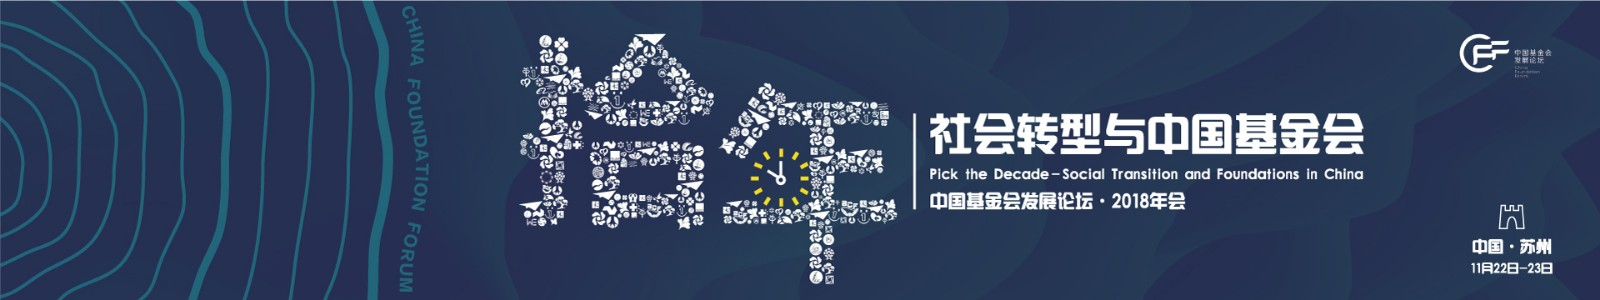 中国基金会发展论坛·2018年度盛会